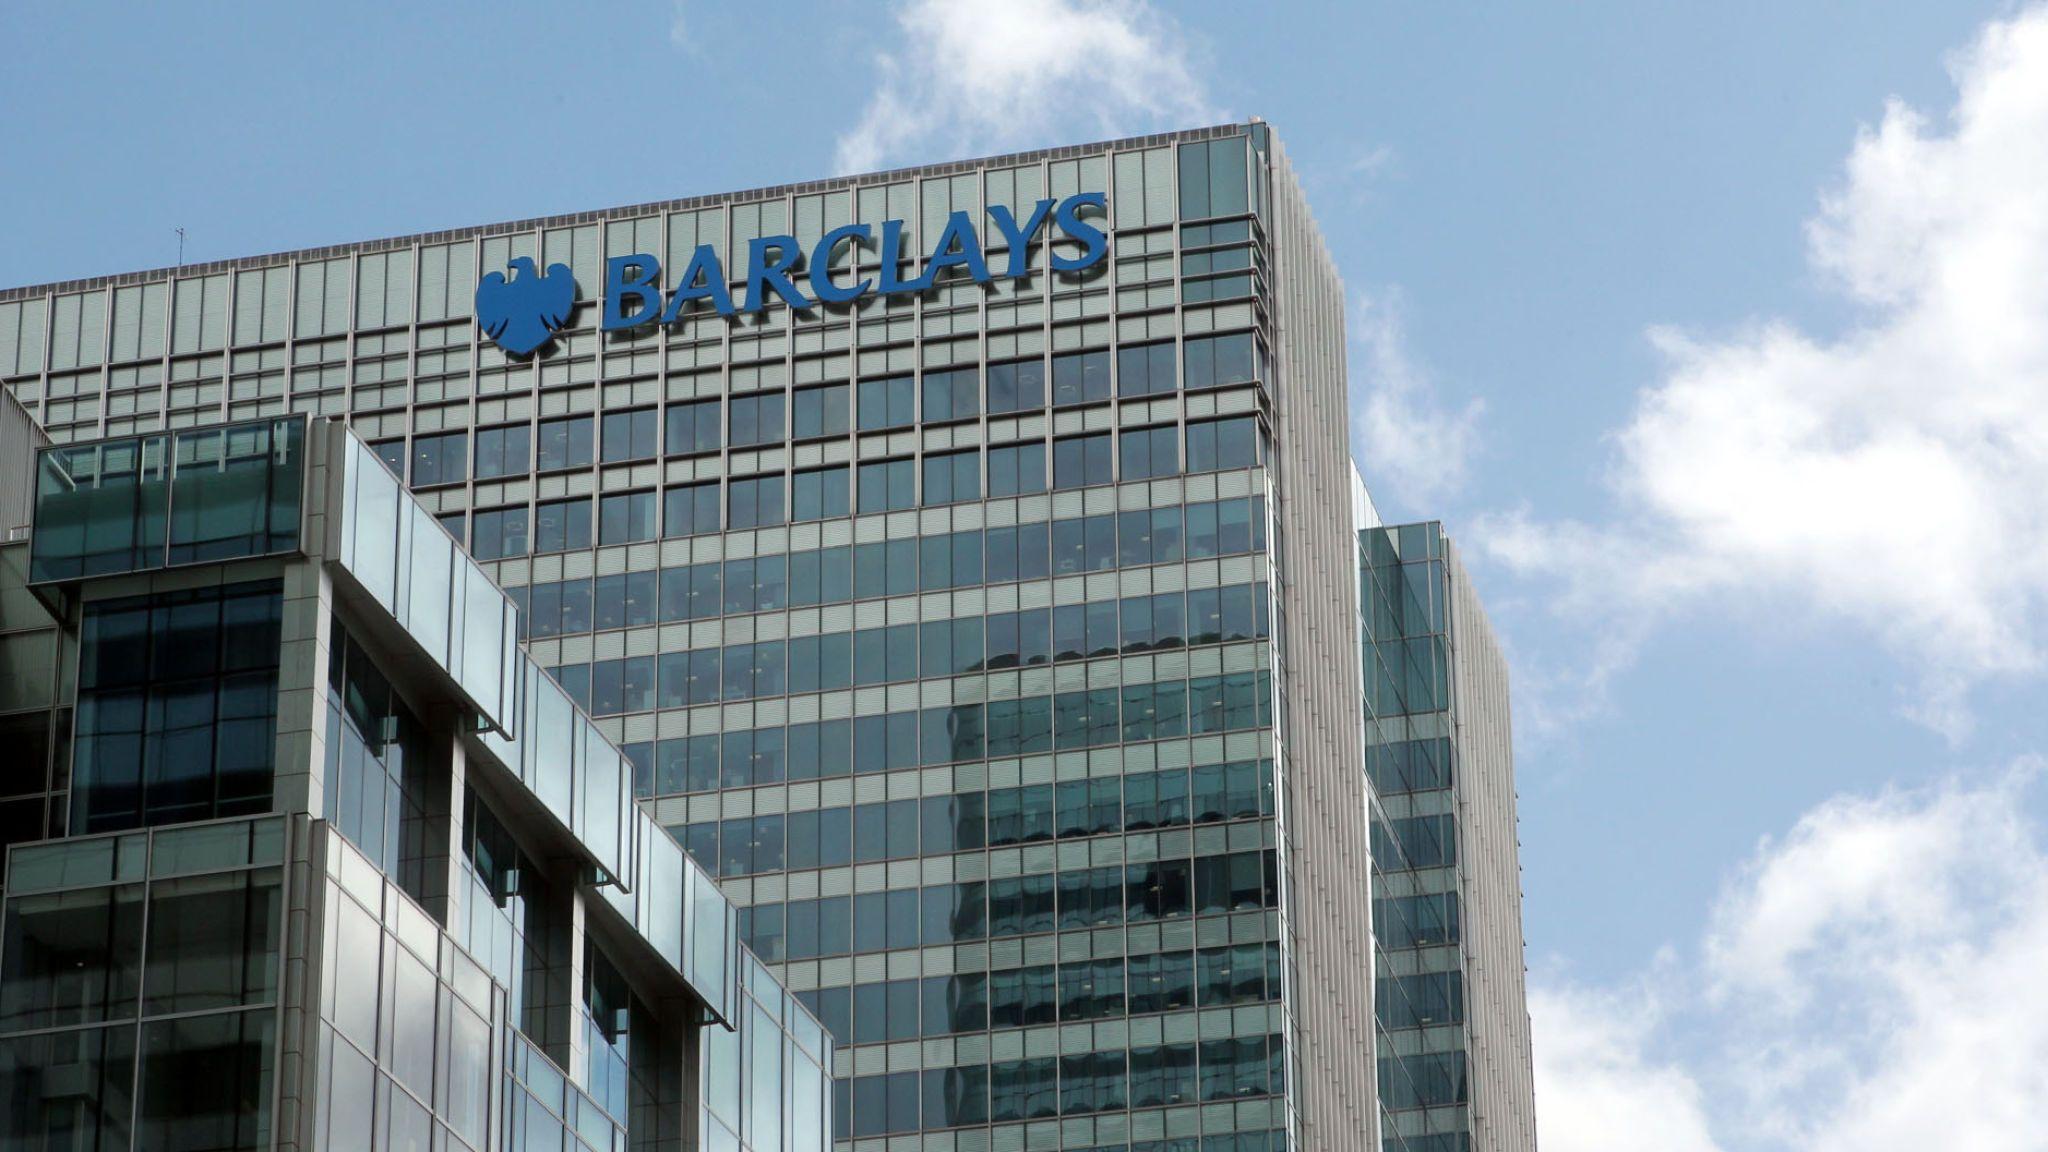 Comprare azioni Barclays e quotazione in tempo reale